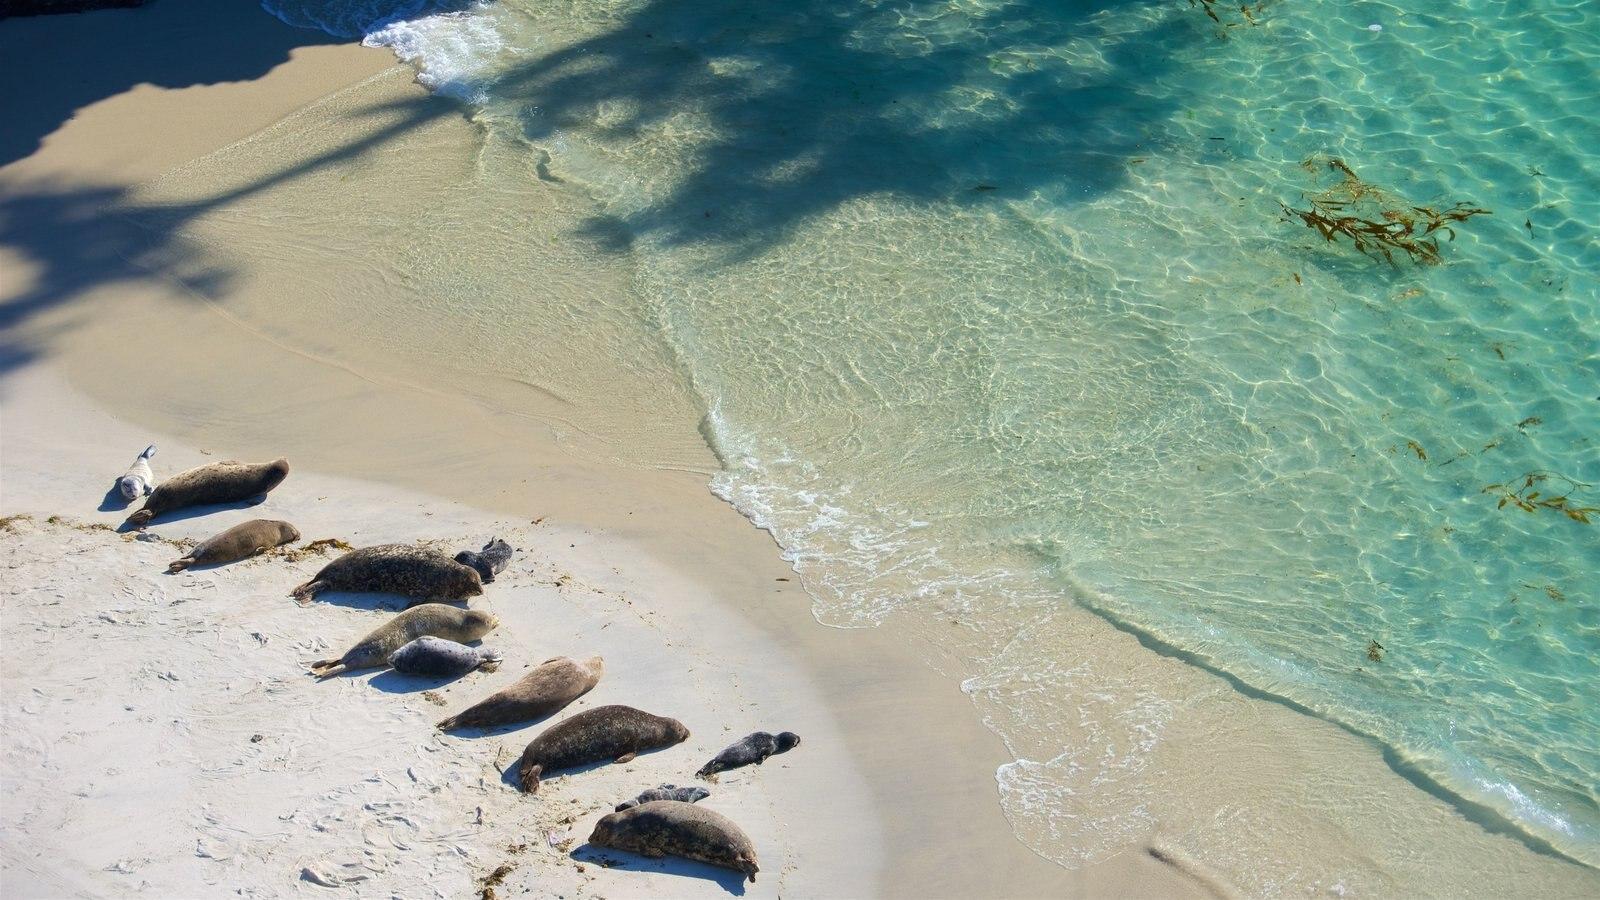 Point Lobos State Reserve mostrando uma praia de areia, paisagens litorâneas e vida marinha